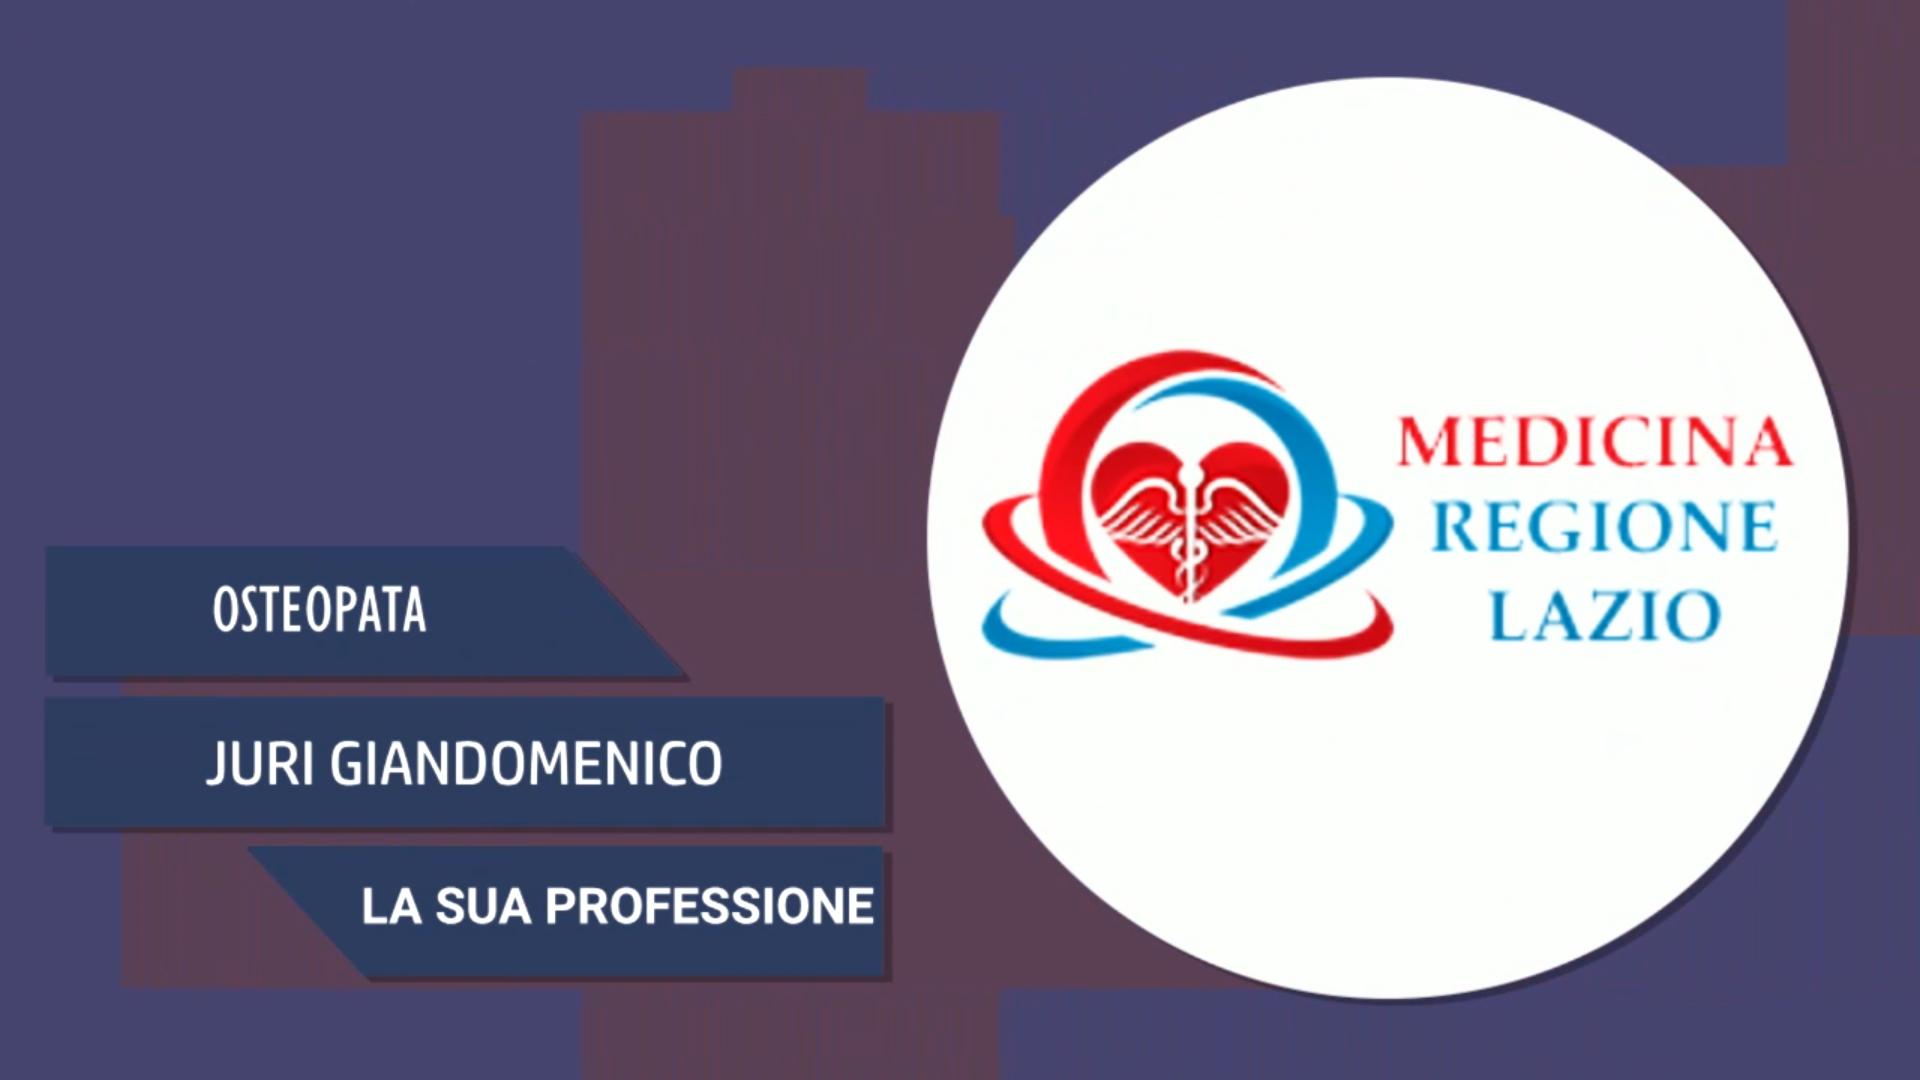 Intervista a Juri Giandomenico – La sua professione